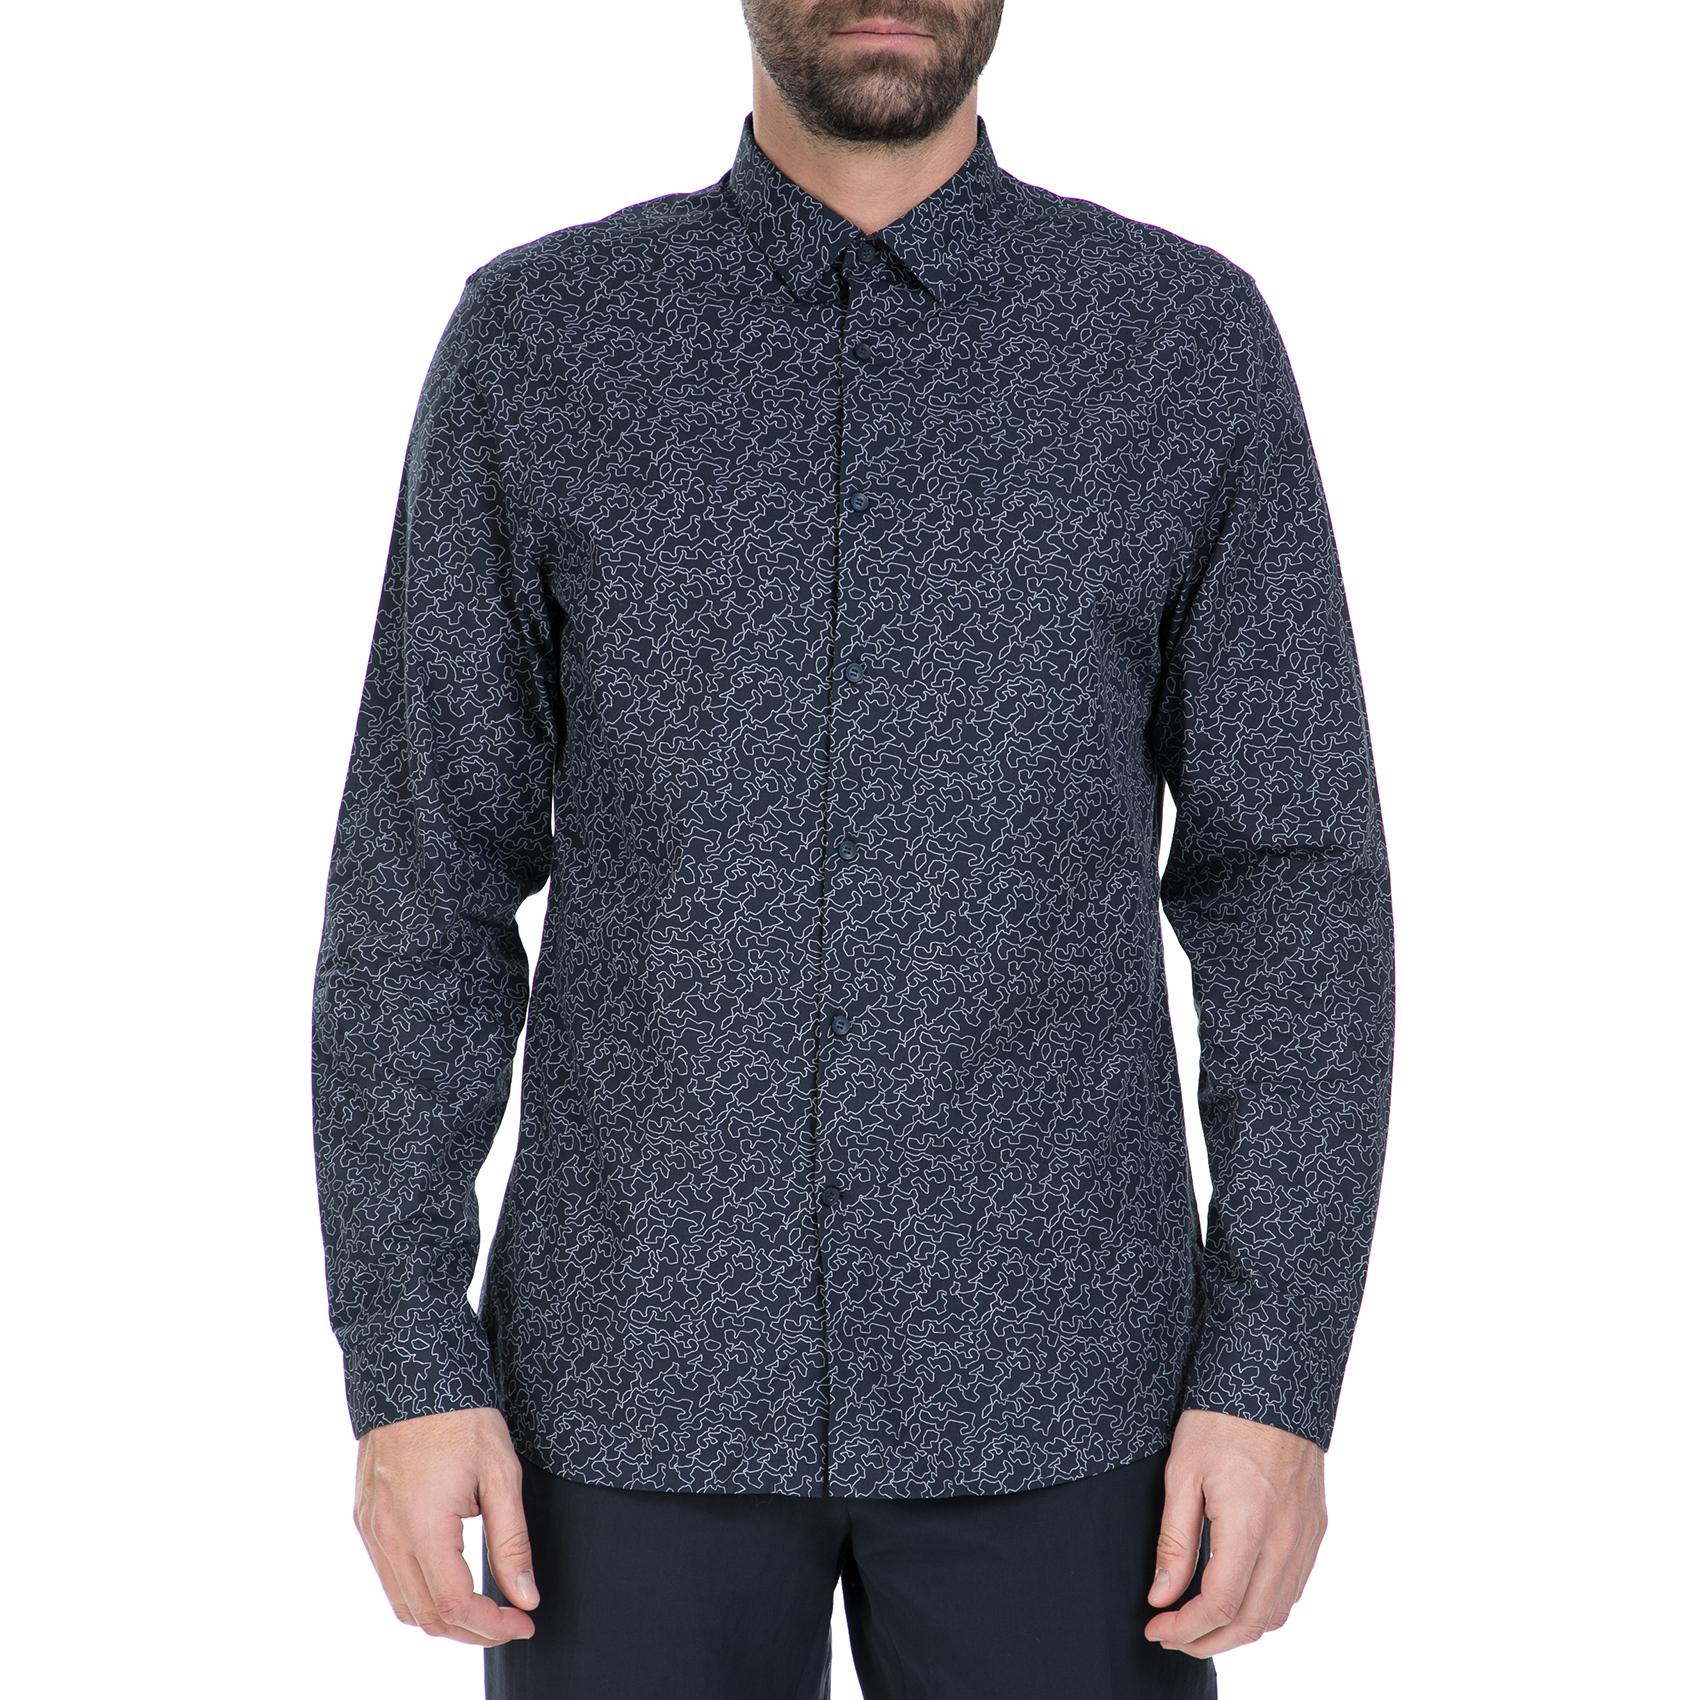 9a3621d47351 CK - Ανδρικό πουκάμισο CK WALLACE μπλε με μοτίβο